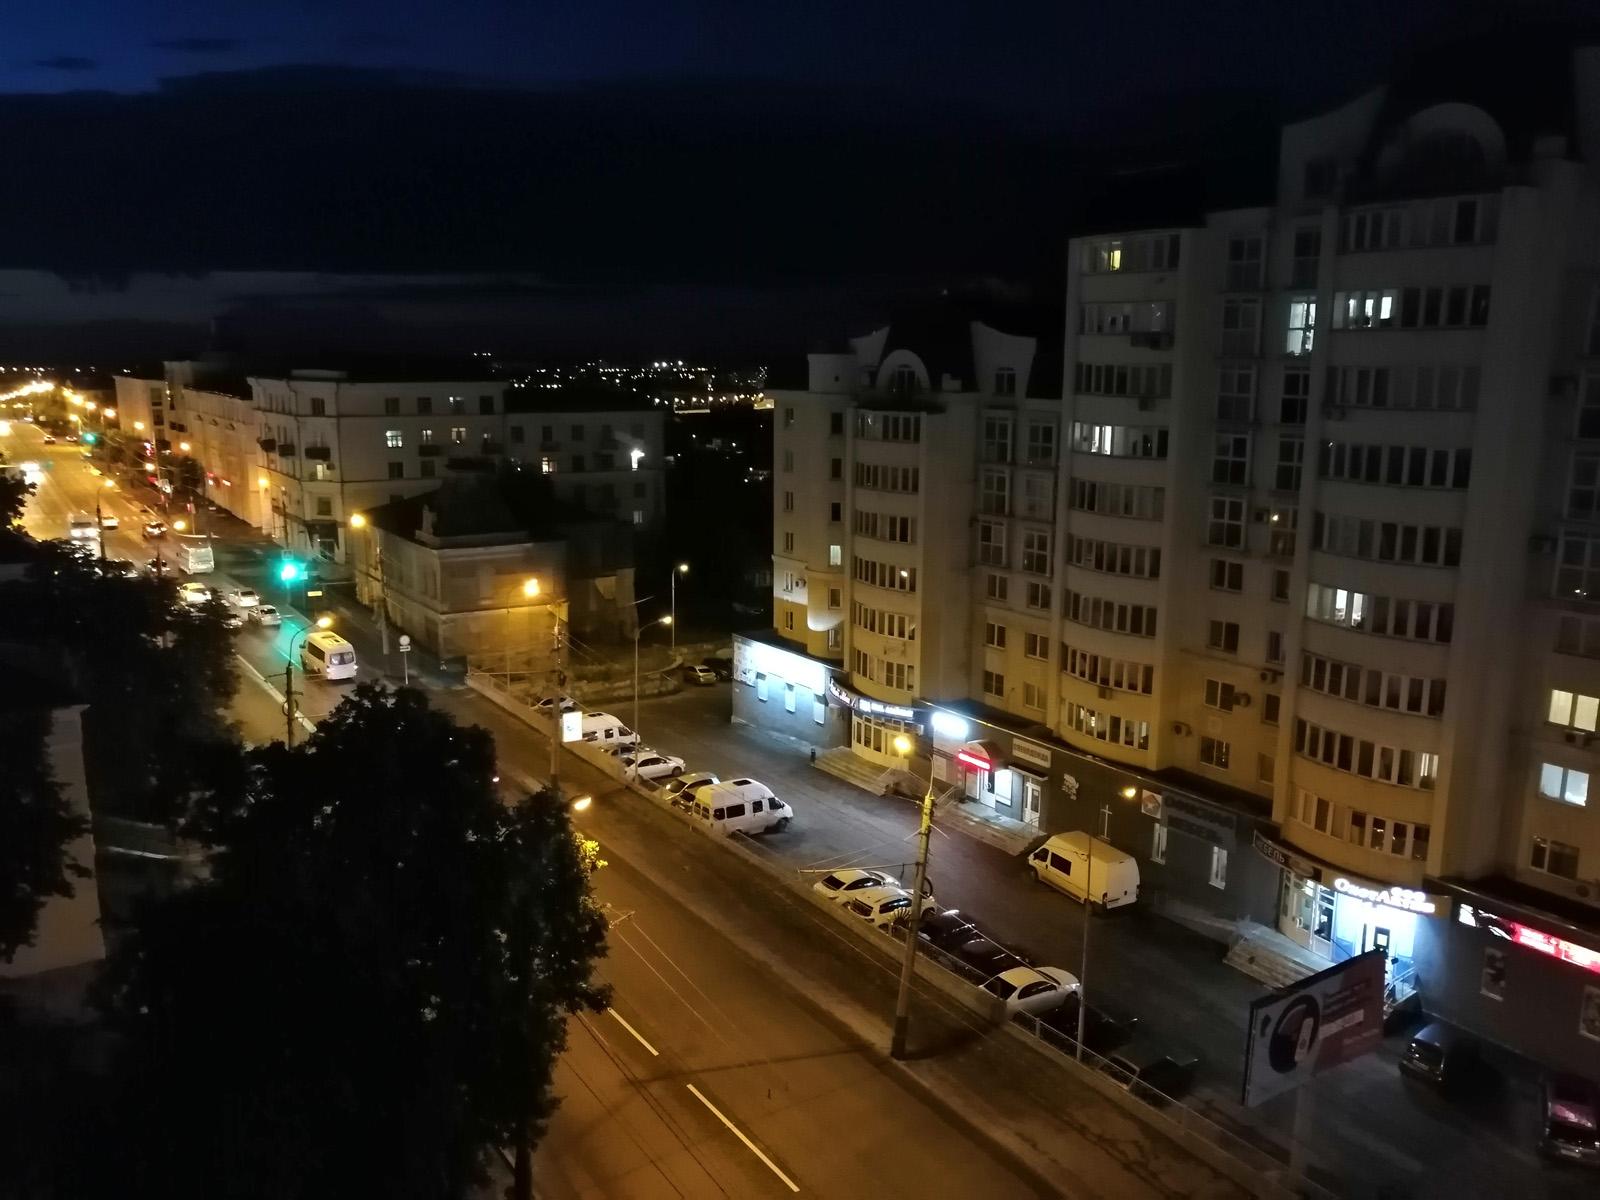 Ночное фото с Huawei P Smart Z, снятое на автомате